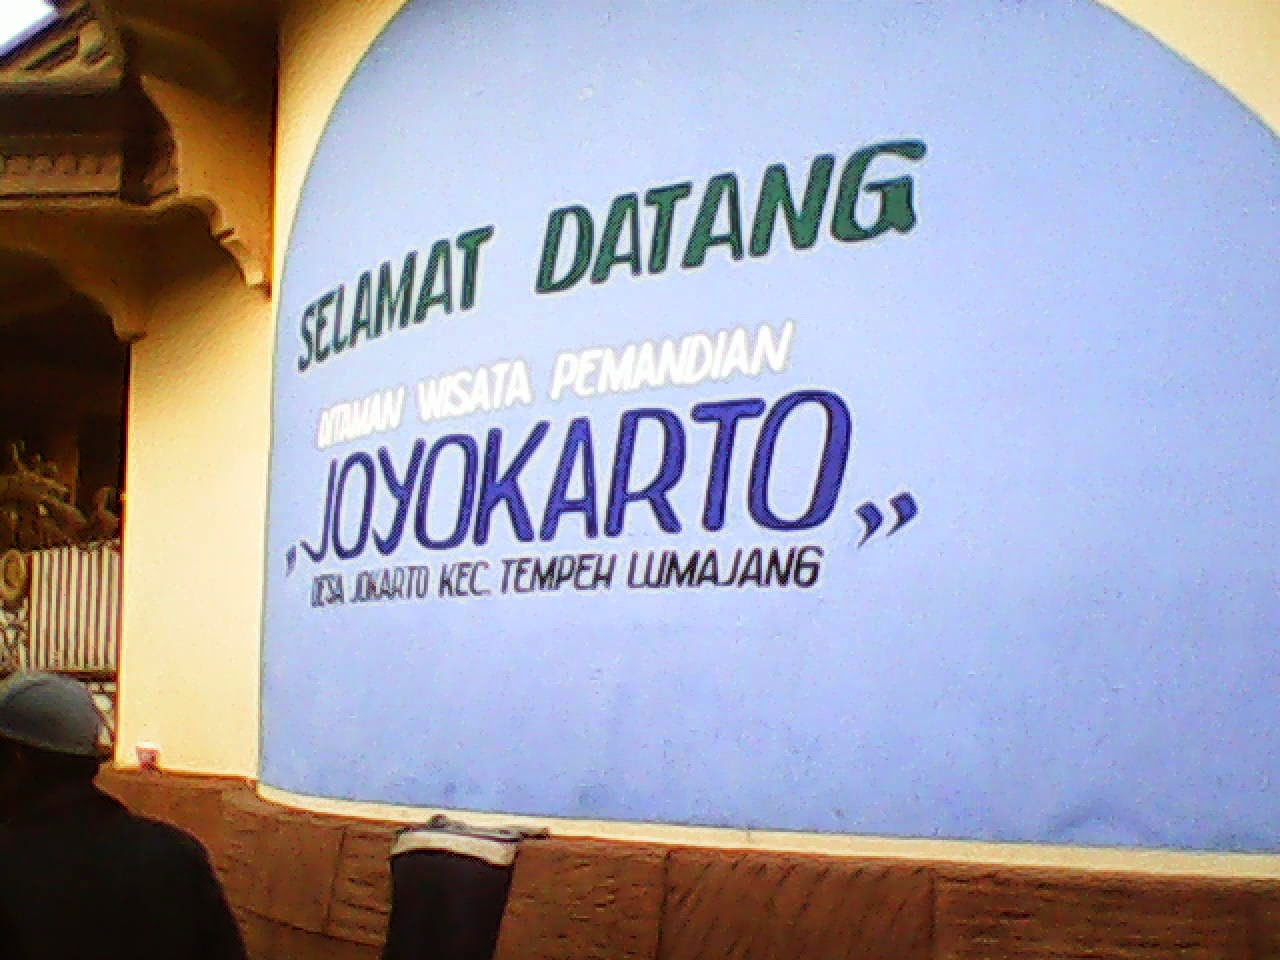 Banana Holidays Lumajang Pemandian Joyokarto Ds Jokarto Yep Wisata Air